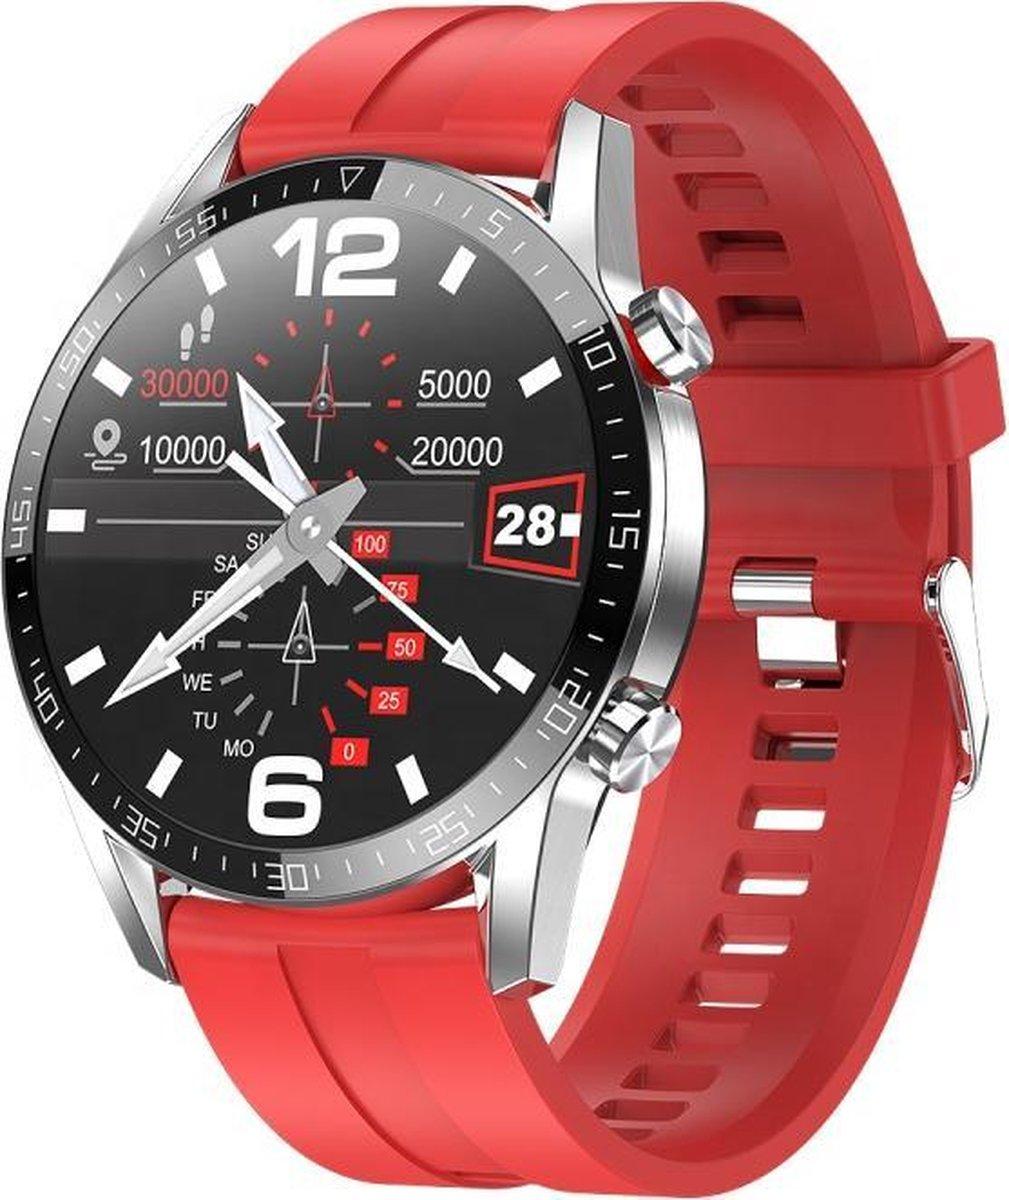 Belesy® Contact - Smartwatch - Rood kopen